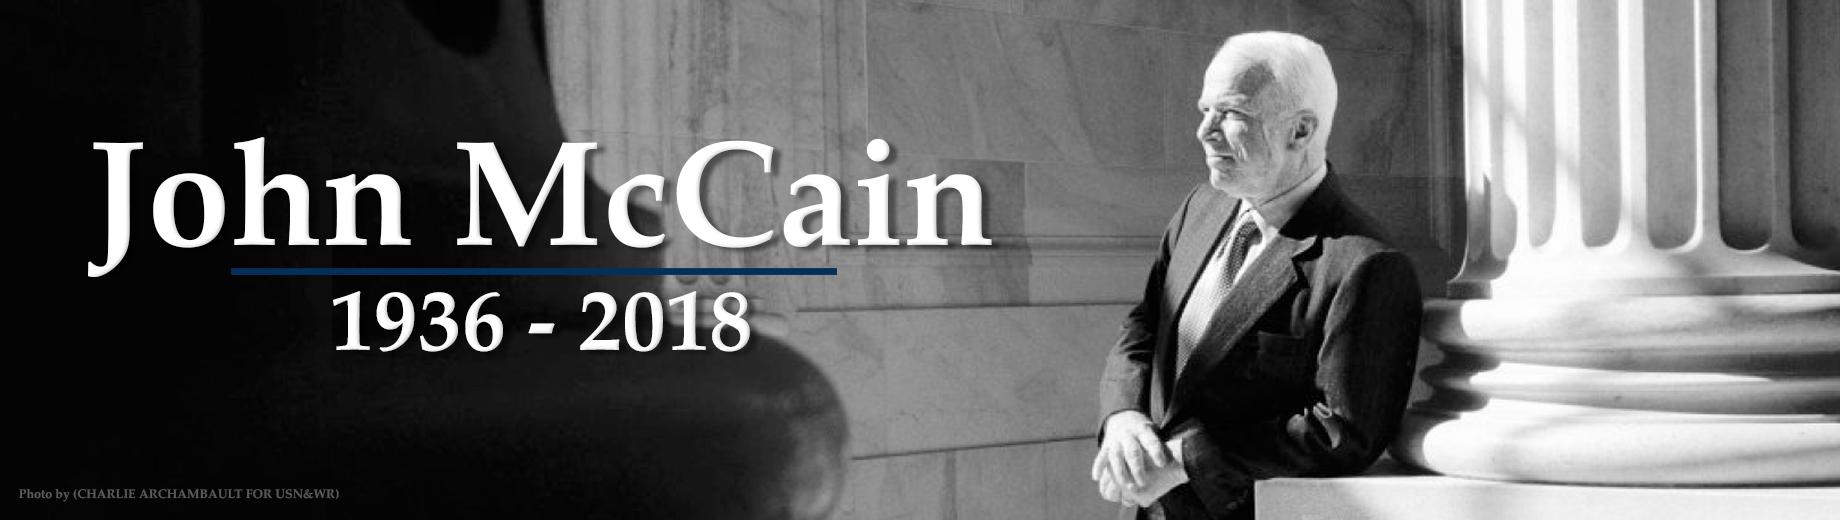 John McCain 1840x520.jpg